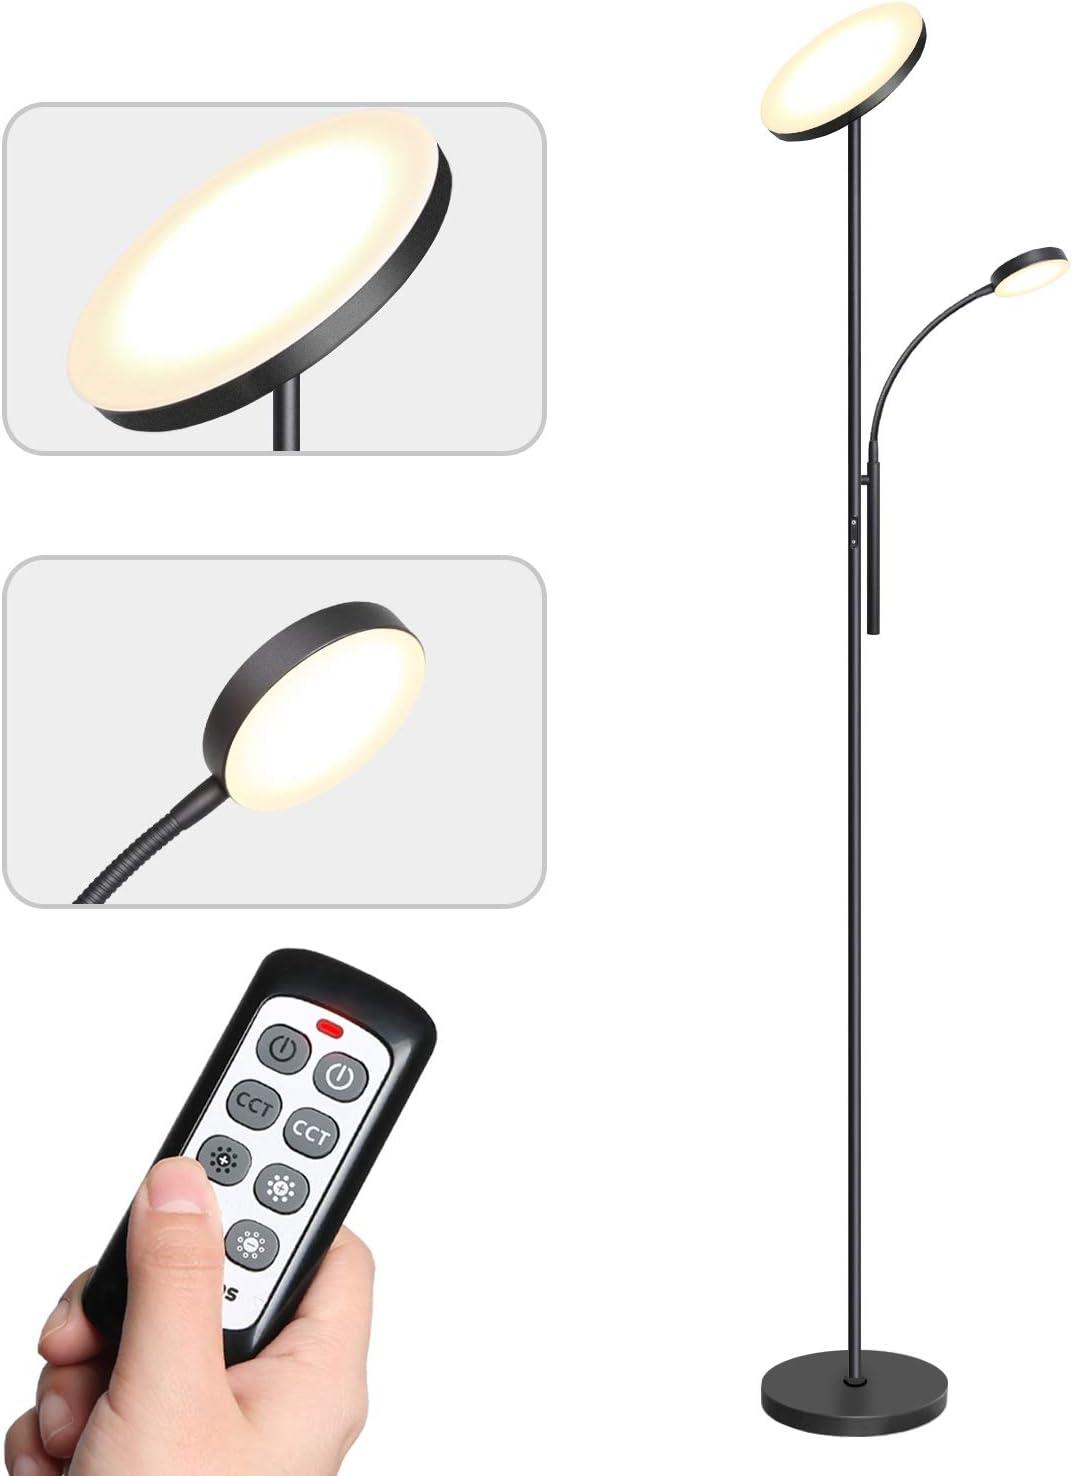 Tomons Lámpara de Pie Dimmer, LED Lámpara de Suelo con Doble Luz con Control Remoto, Atenuador Dimmer Continuo, 3 Temperaturas de Color